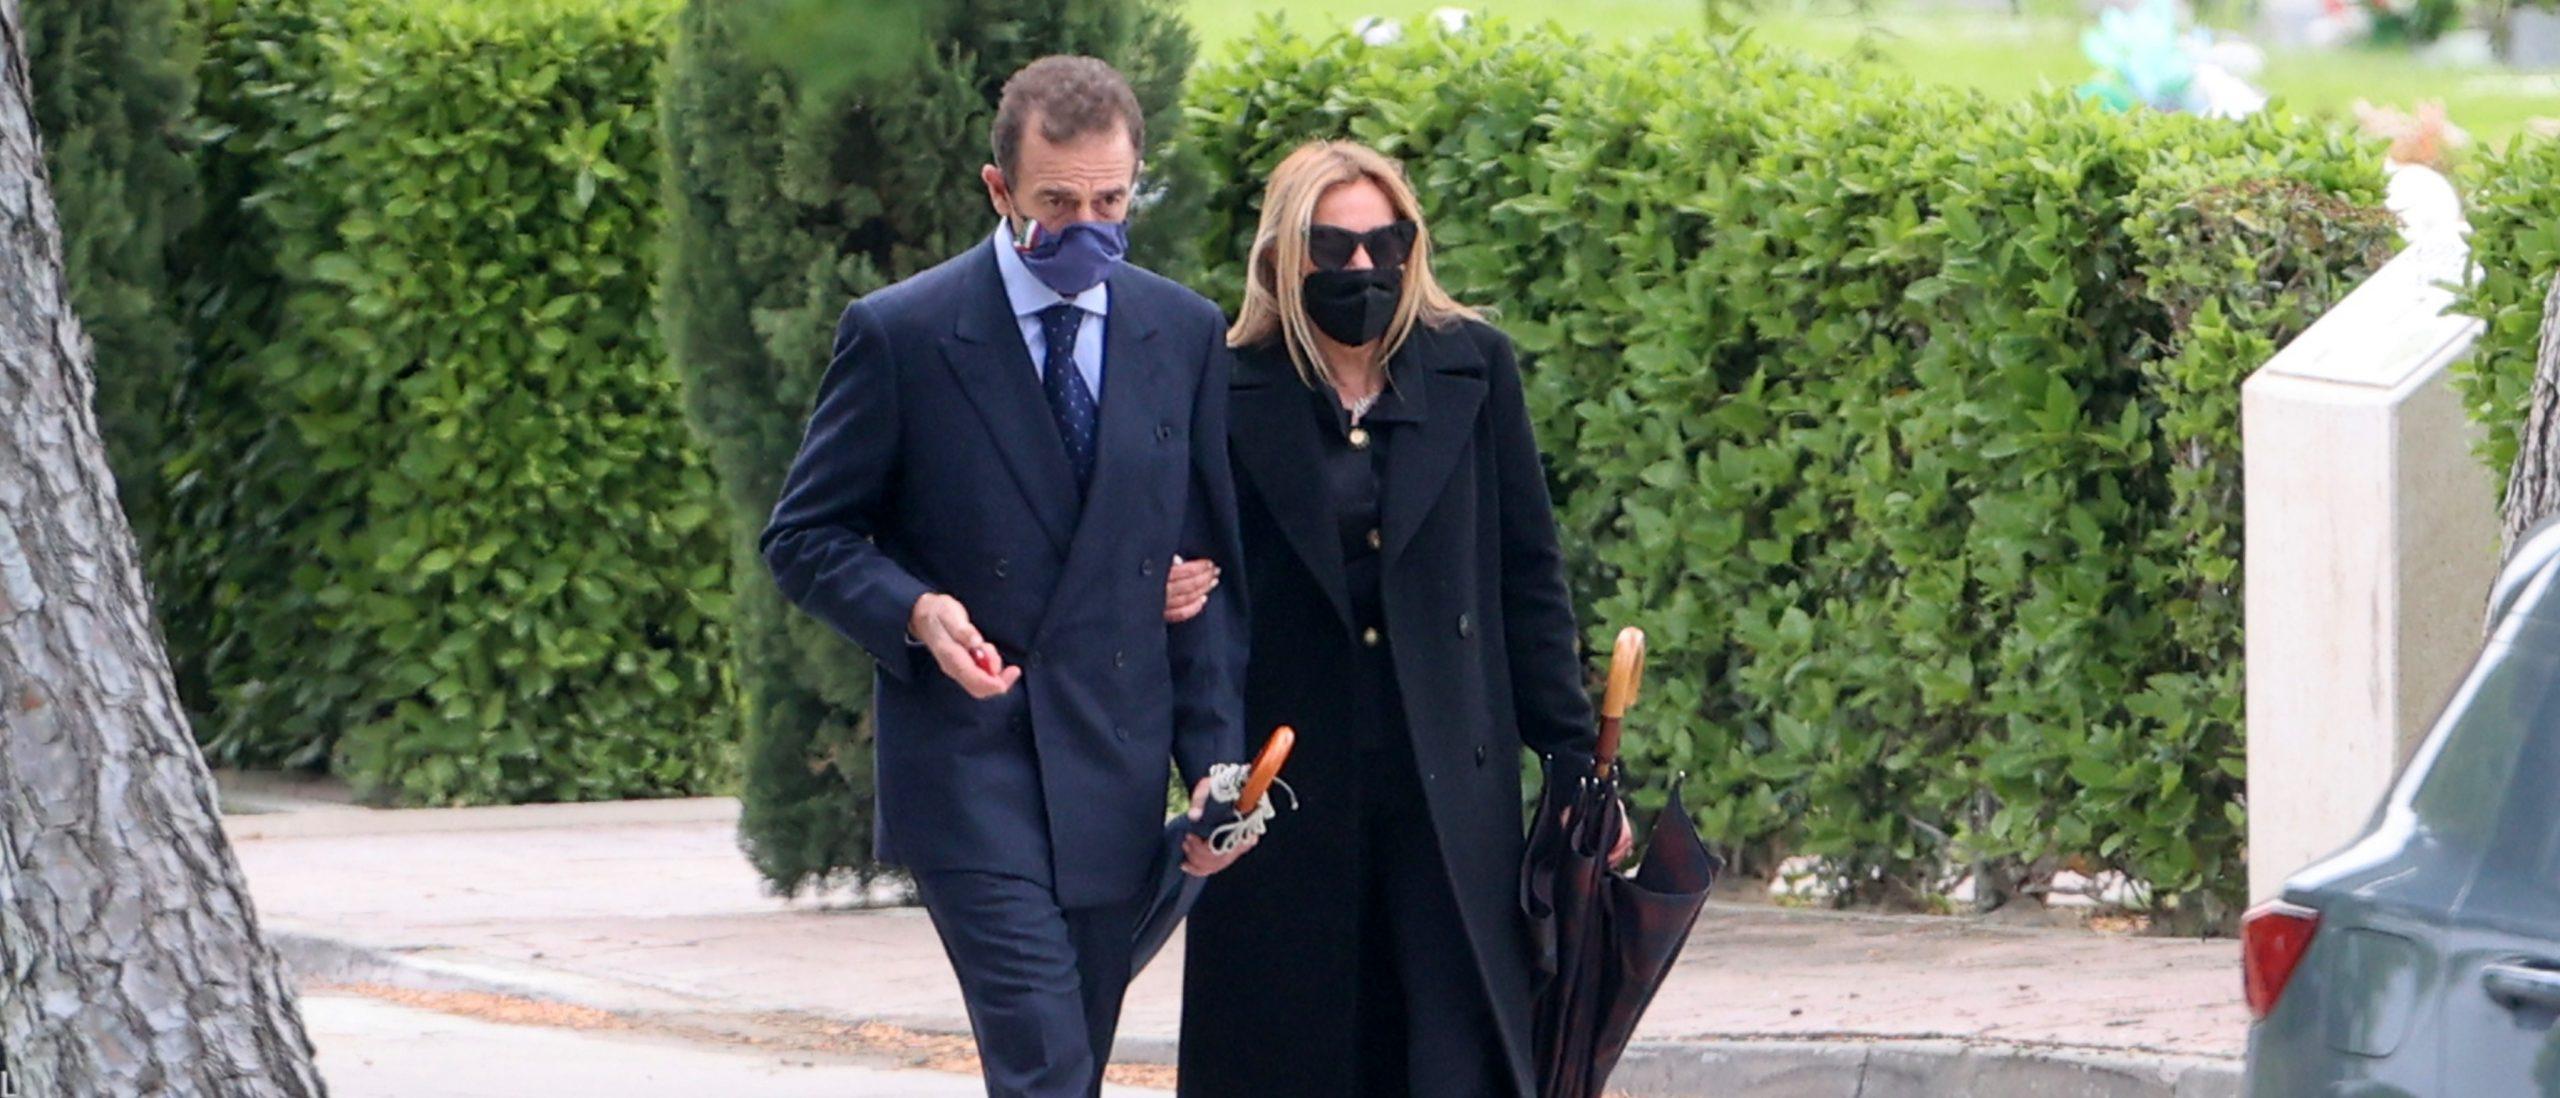 Alessandro Lequio acompanya Ana Obregón al funeral de la mare - Europa Press